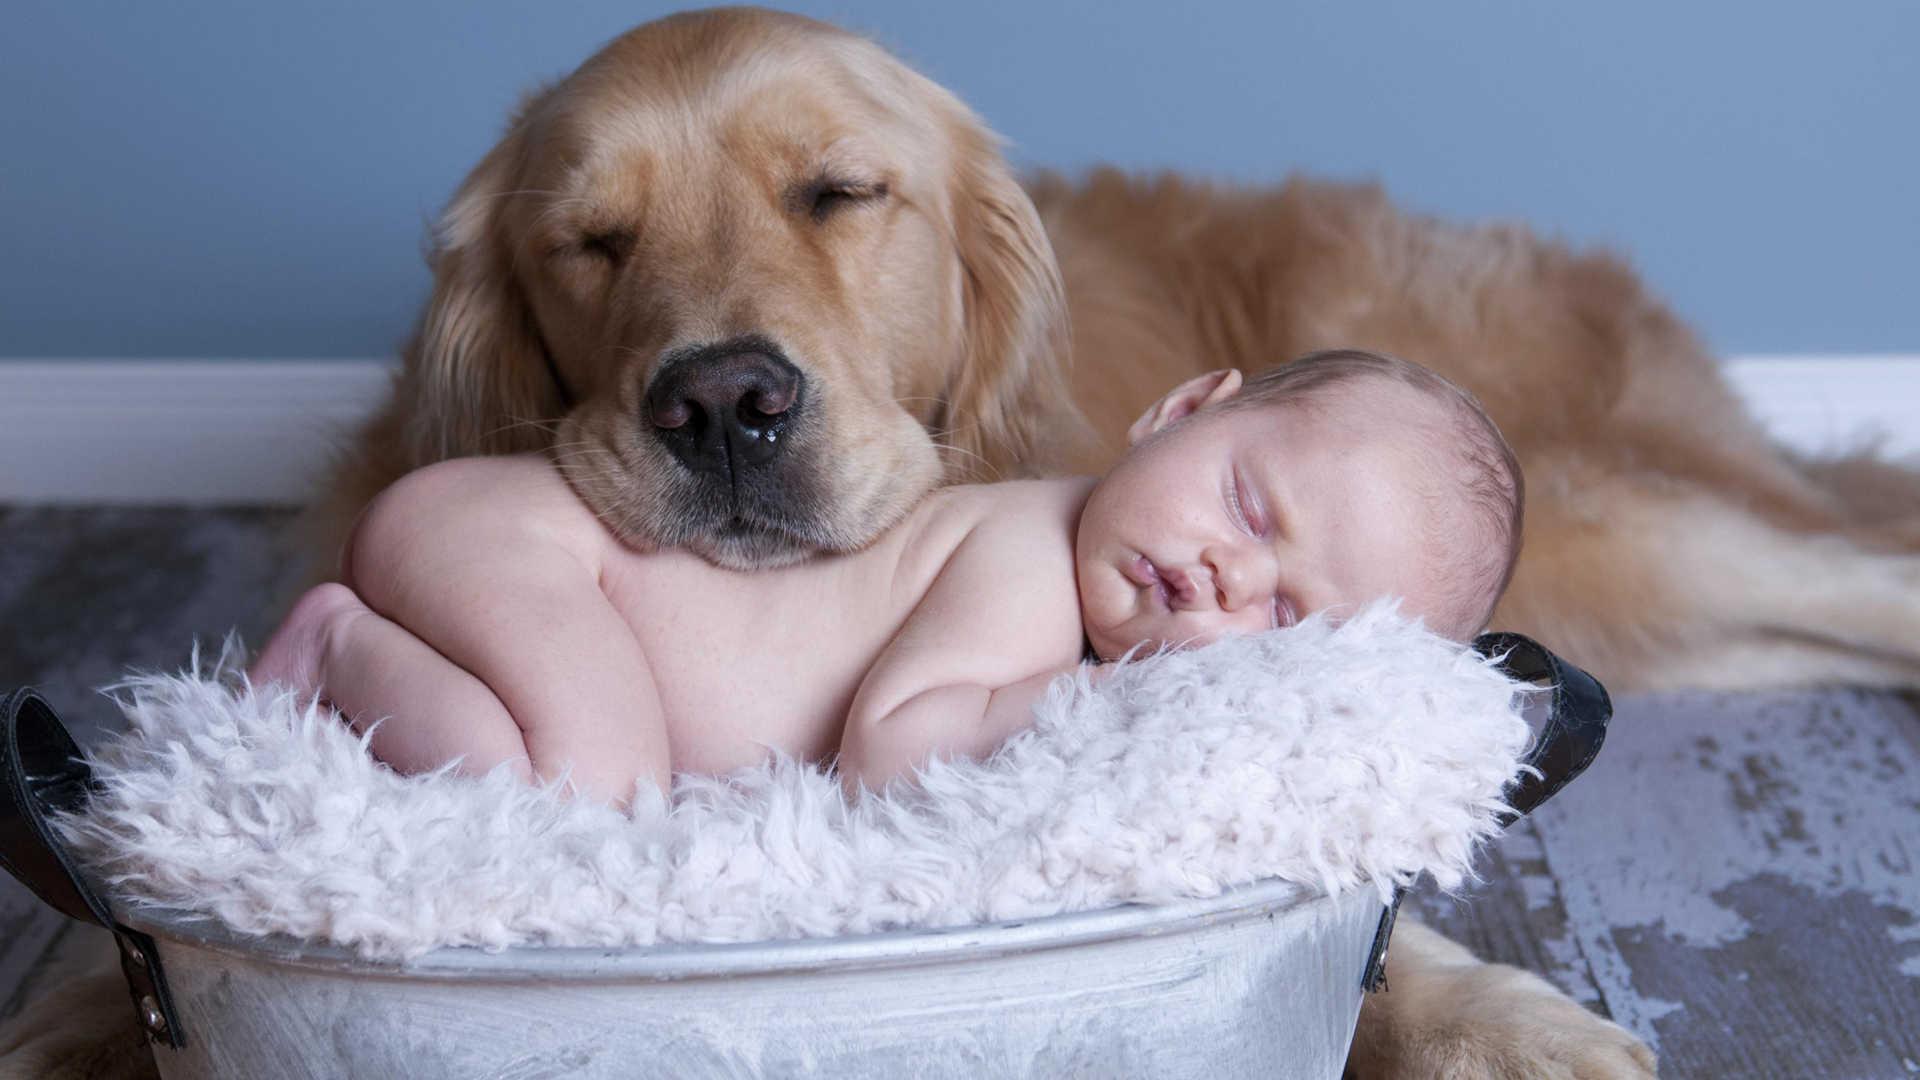 1920x1080 Golden Retriever Puppies Wallpaper